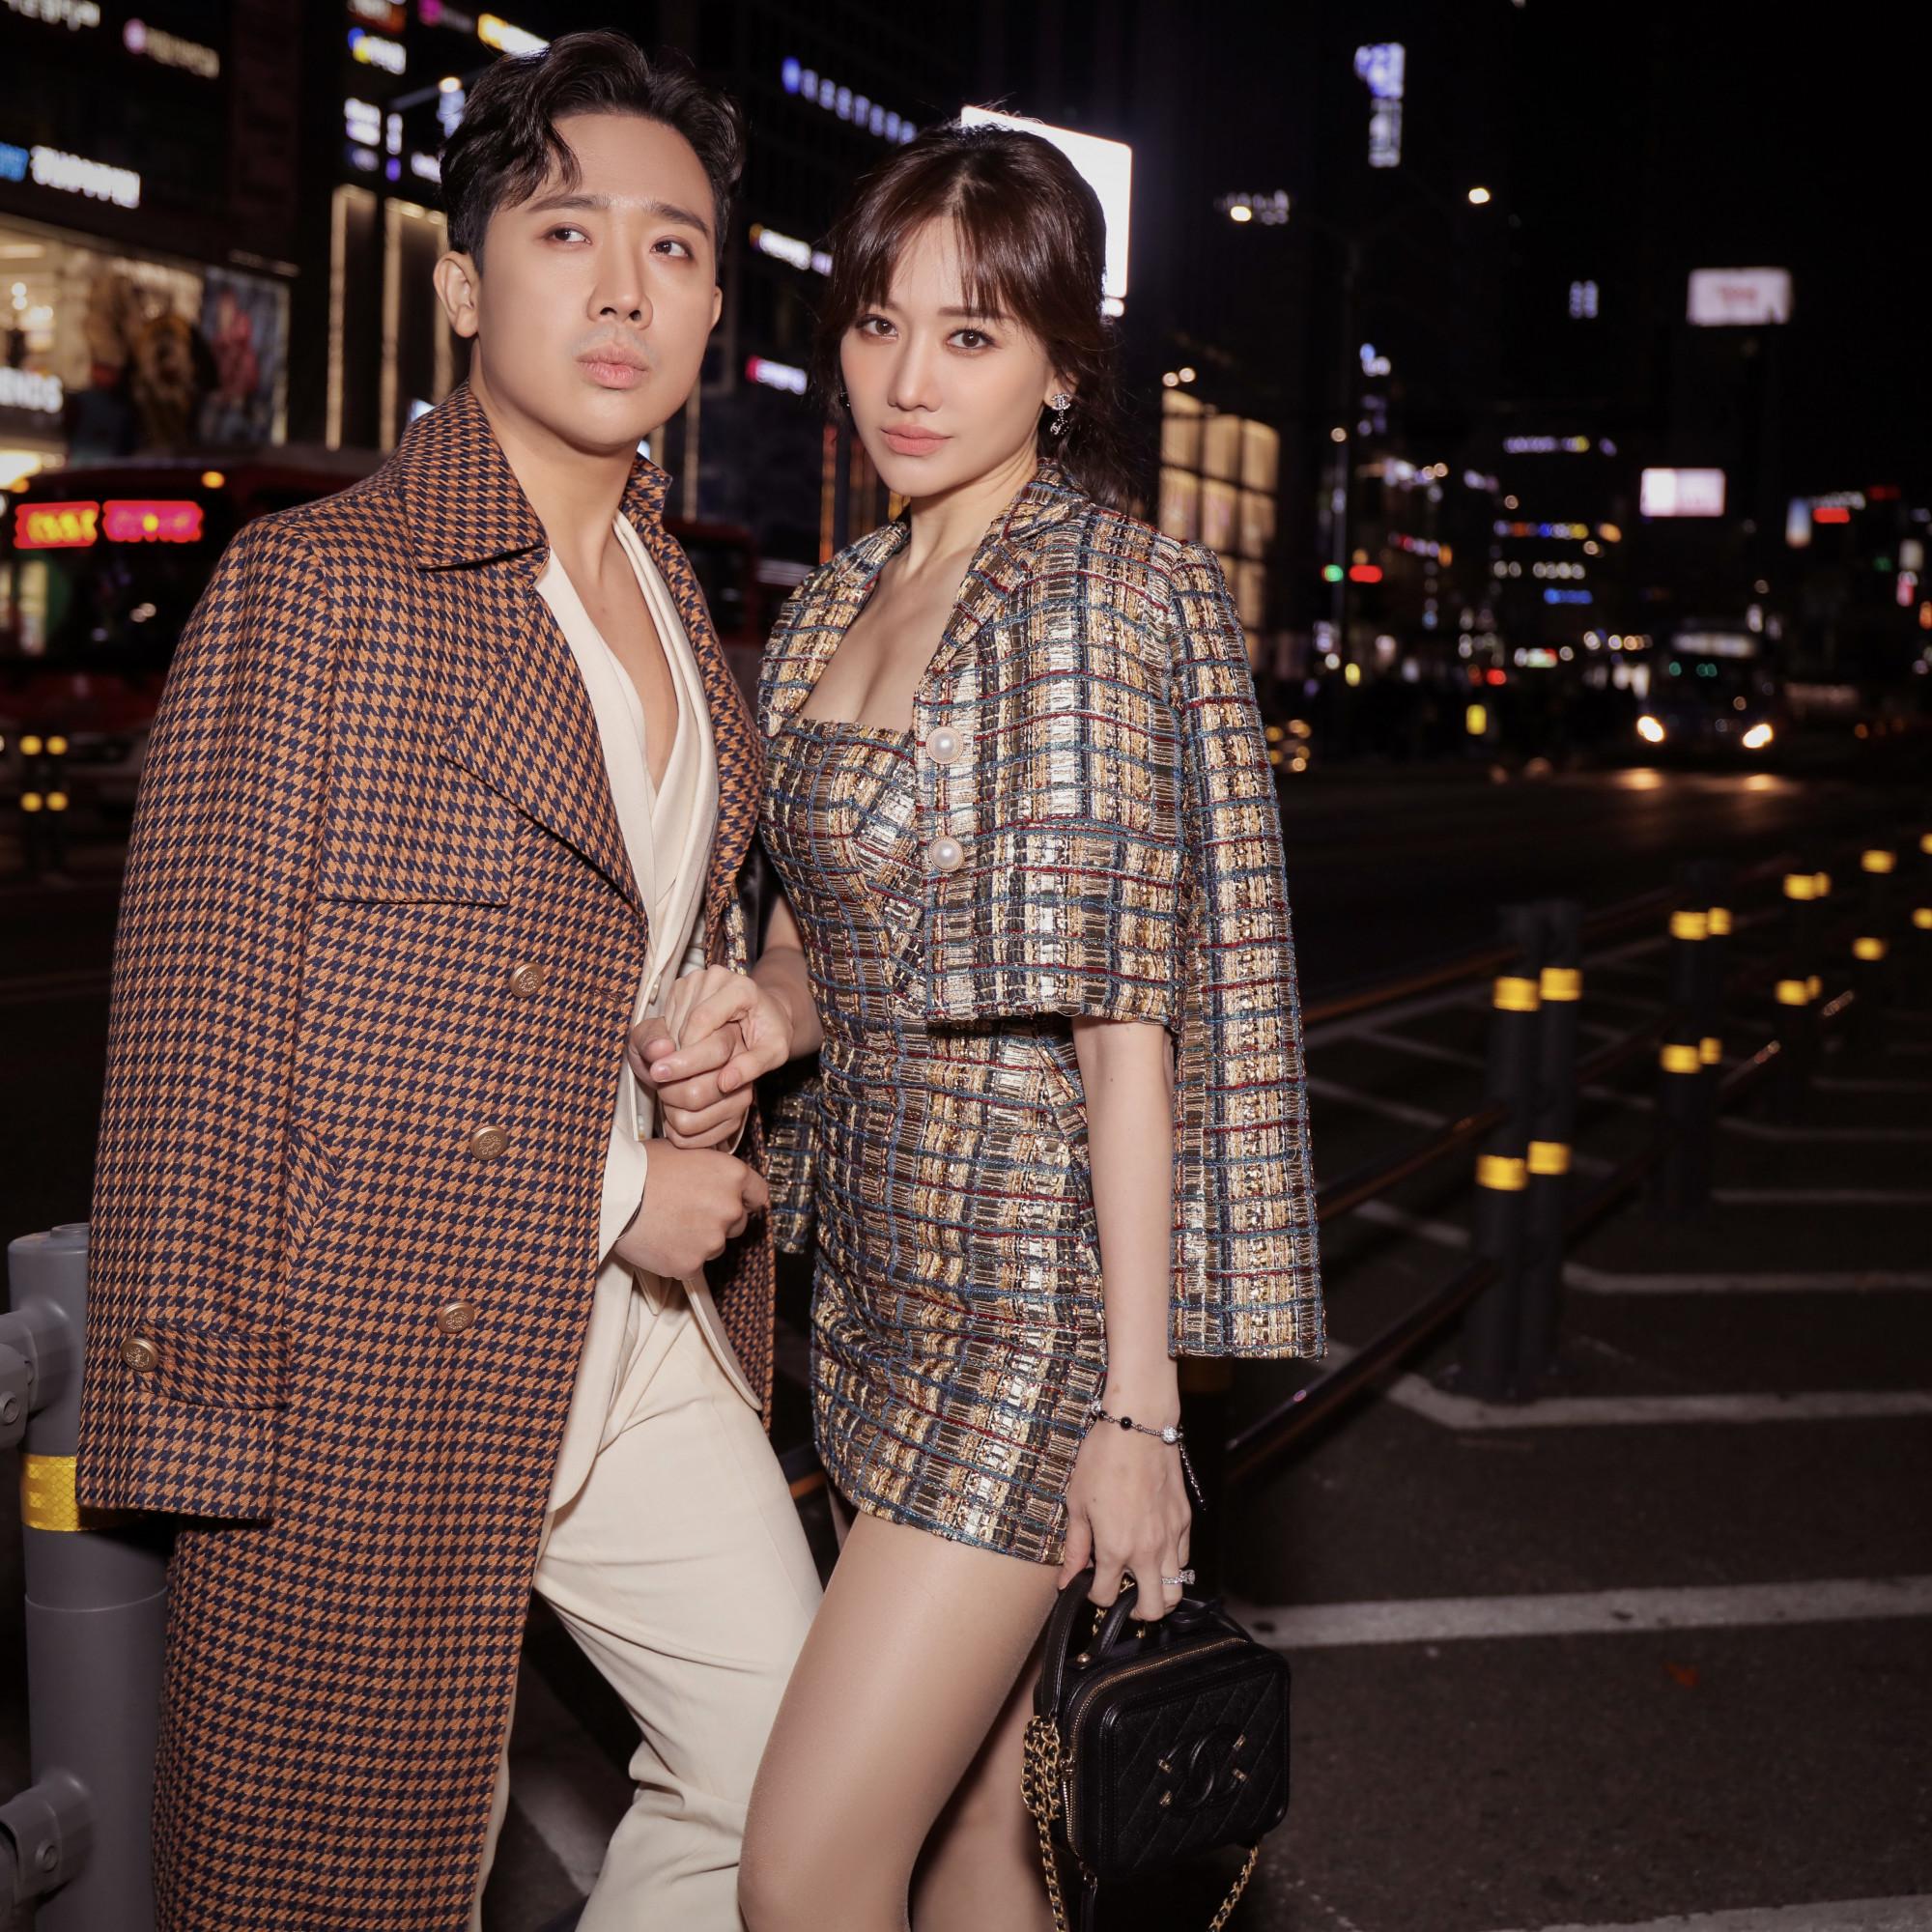 Sau 3 năm chính thức nên duyên vợ chồng, Trấn Thành và Hari Won mới đây đã tung bộ ảnh lãng mạn nhân chuyến du lịch nước ngoài đầu năm. Nhan sắc đỉnh cao cùng thần thái sang chảnh của cặp đôi nhận được nhiều lời khen tặng.